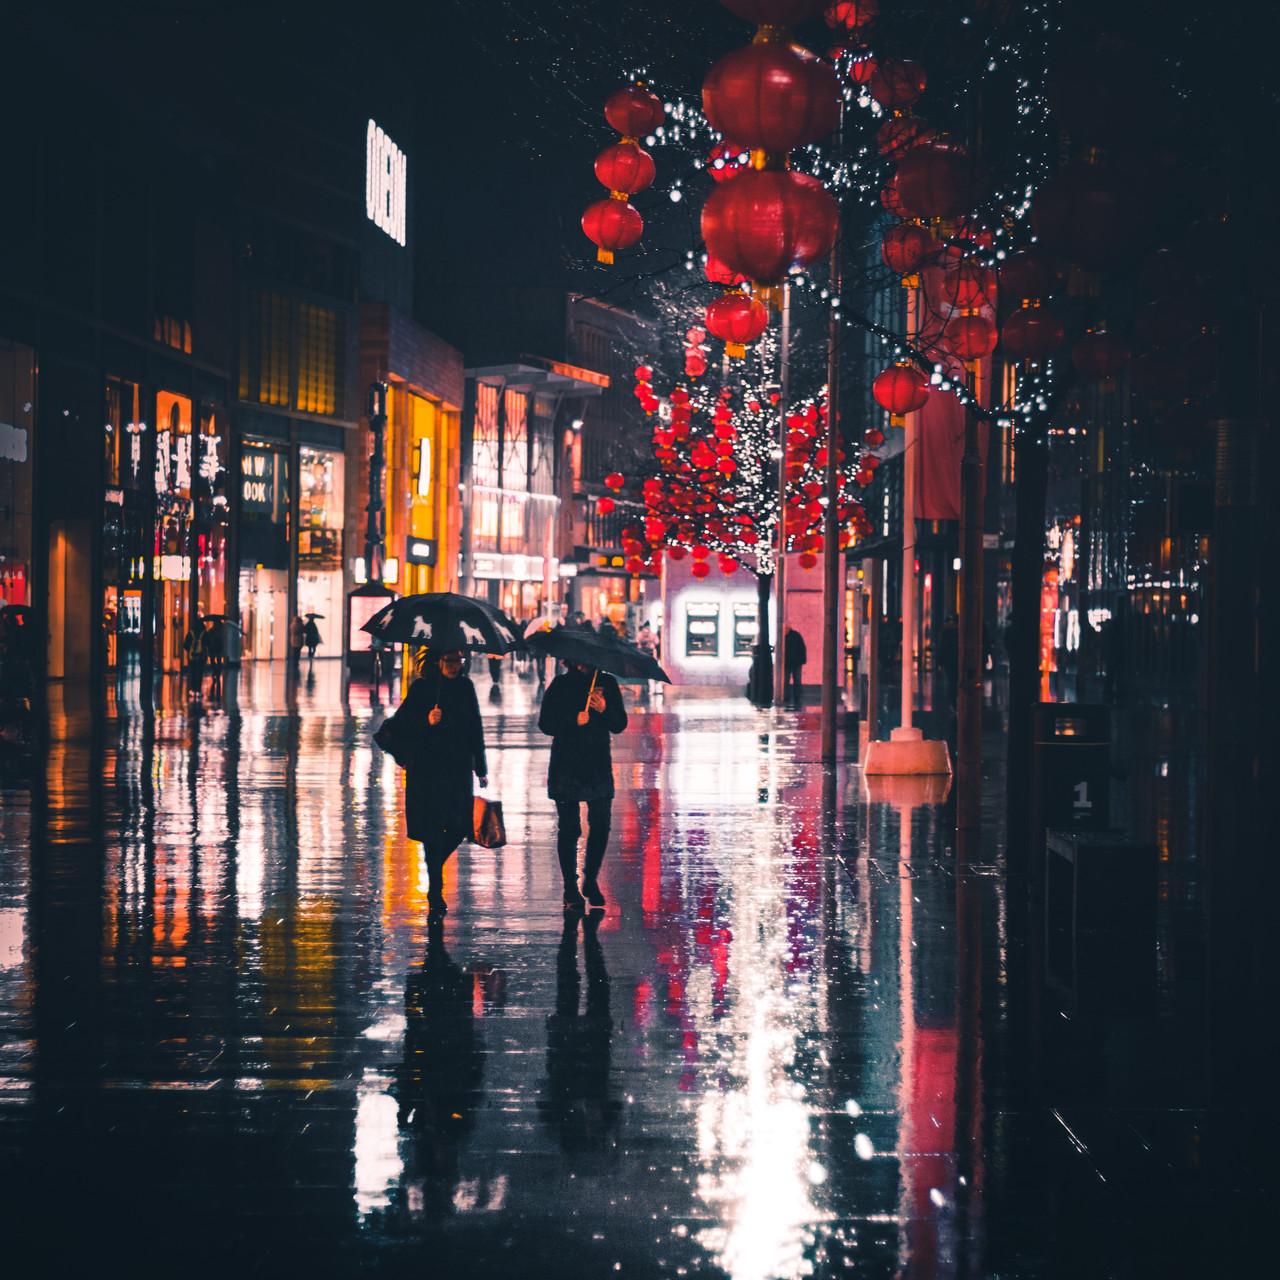 Reflectie regen 1